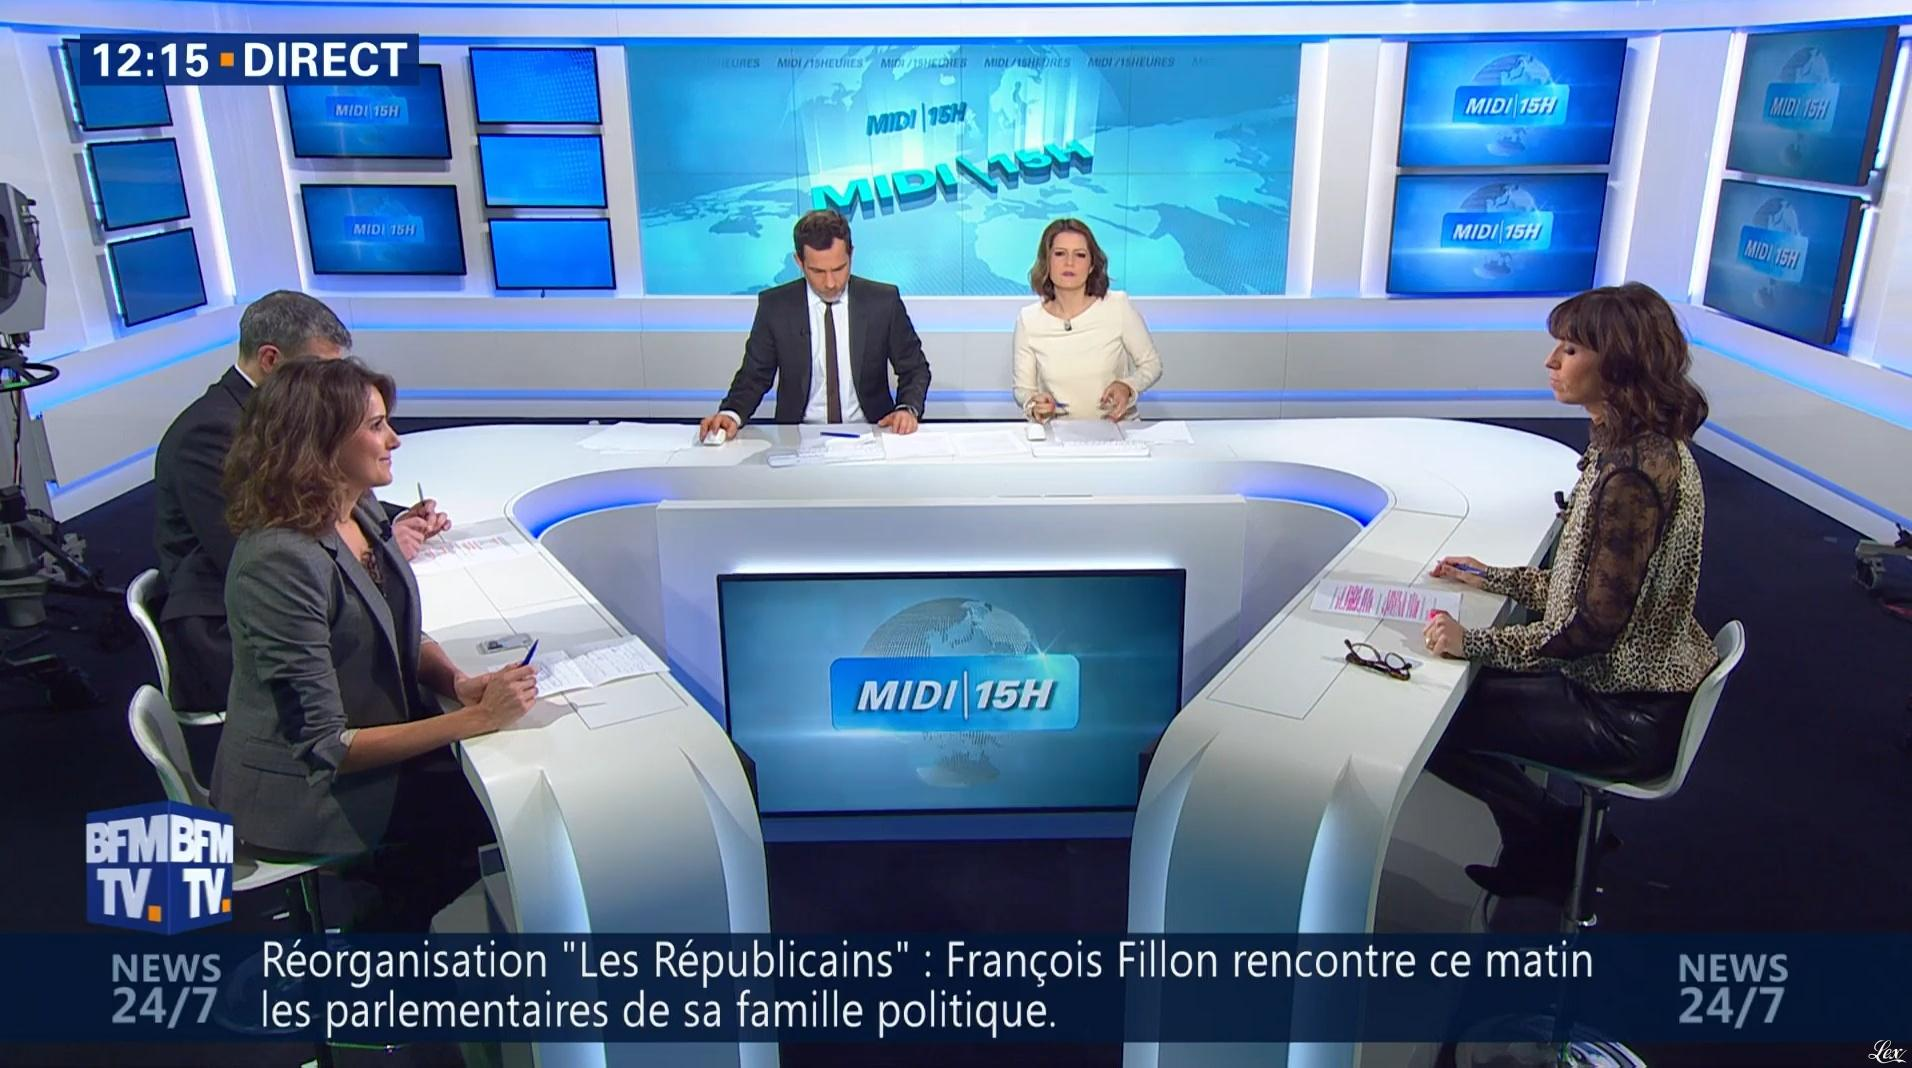 Candice Mahout dans le Midi-15h. Diffusé à la télévision le 29/11/16.